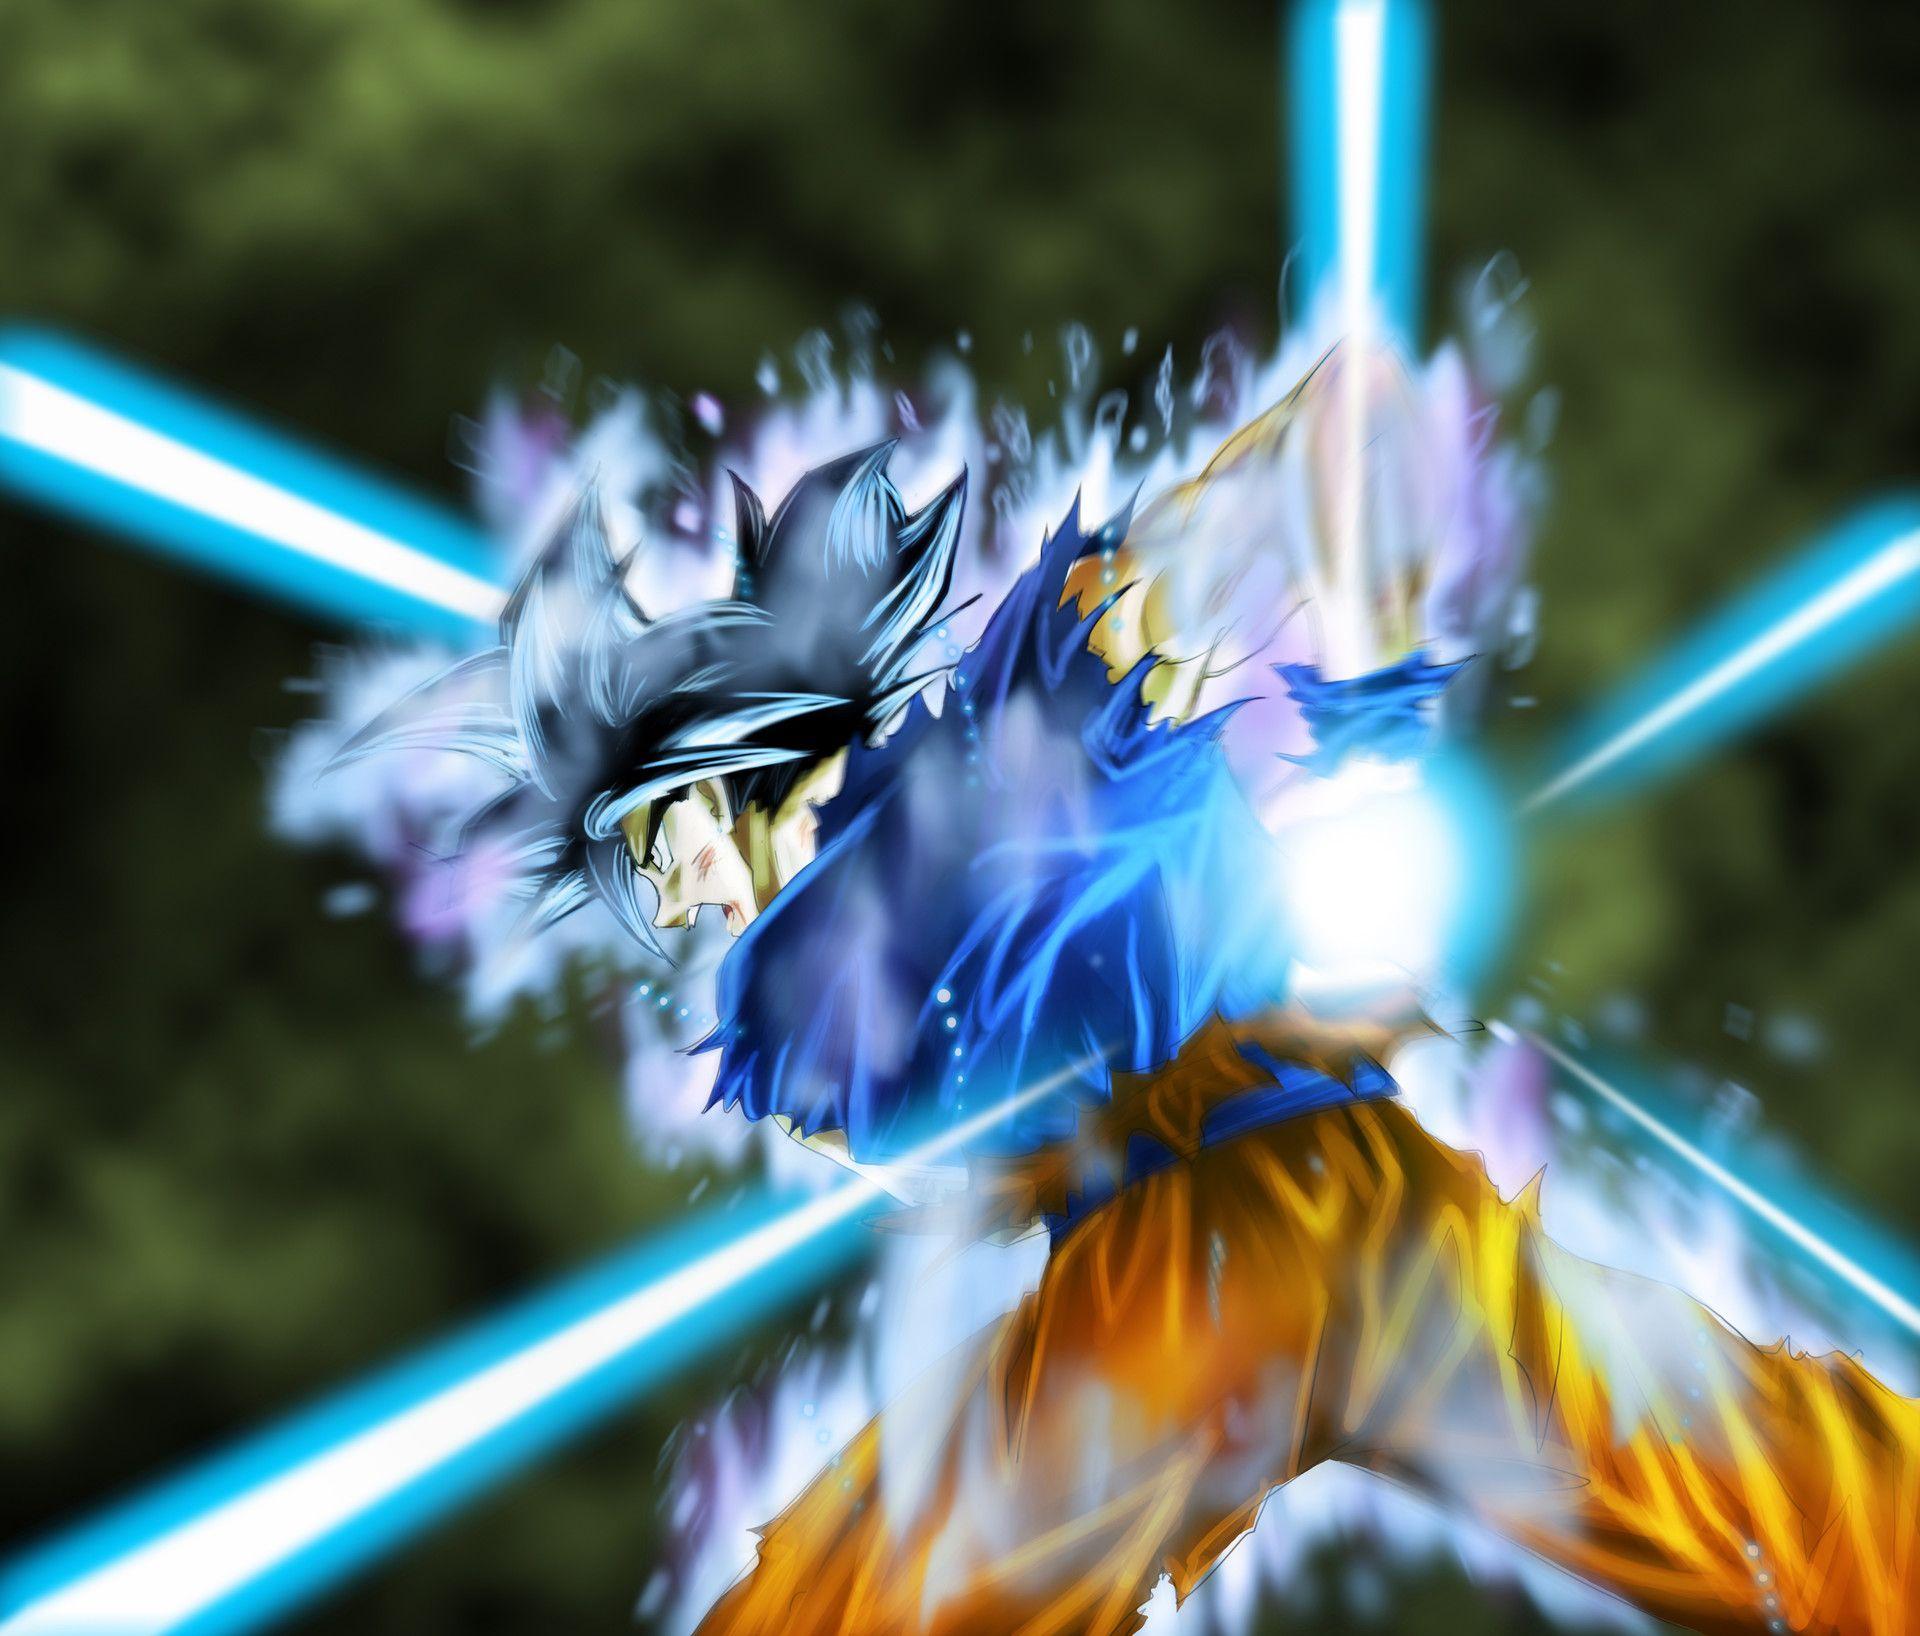 Goku Ultra Instinct Kamehameha By Robert Quach Goku Dragon Ball Z Goku Ultra Instinct